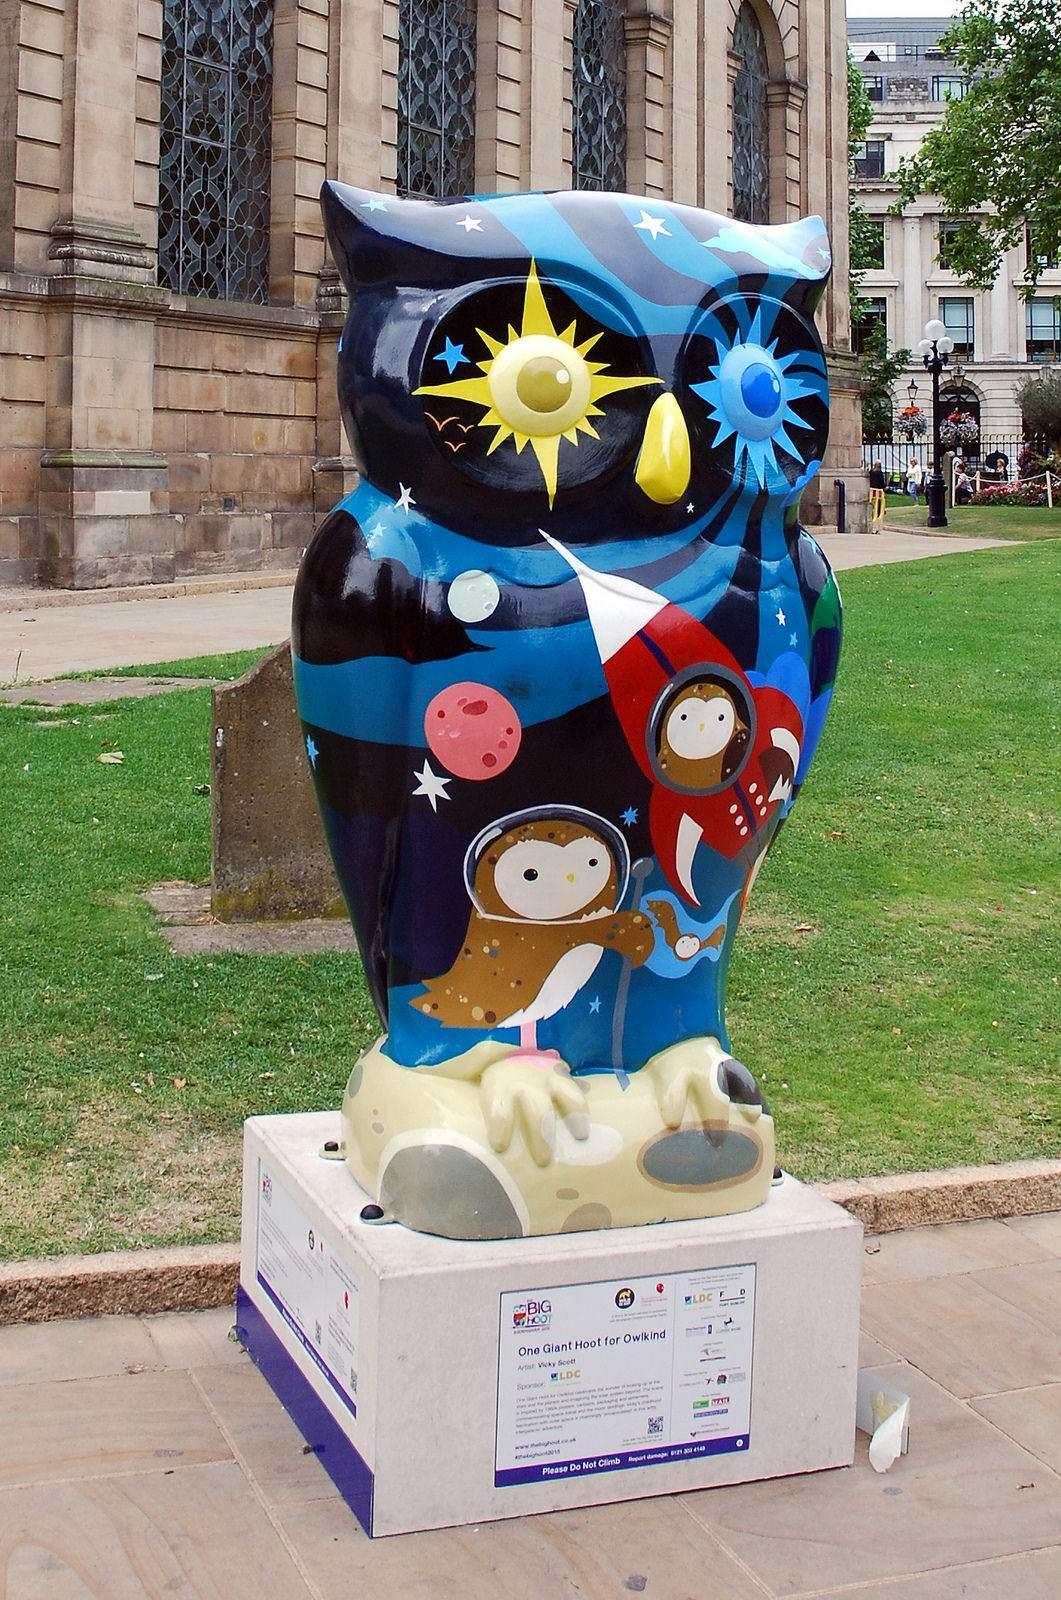 big hoot11 The 2015 Big Hoot Owls in Birmingham